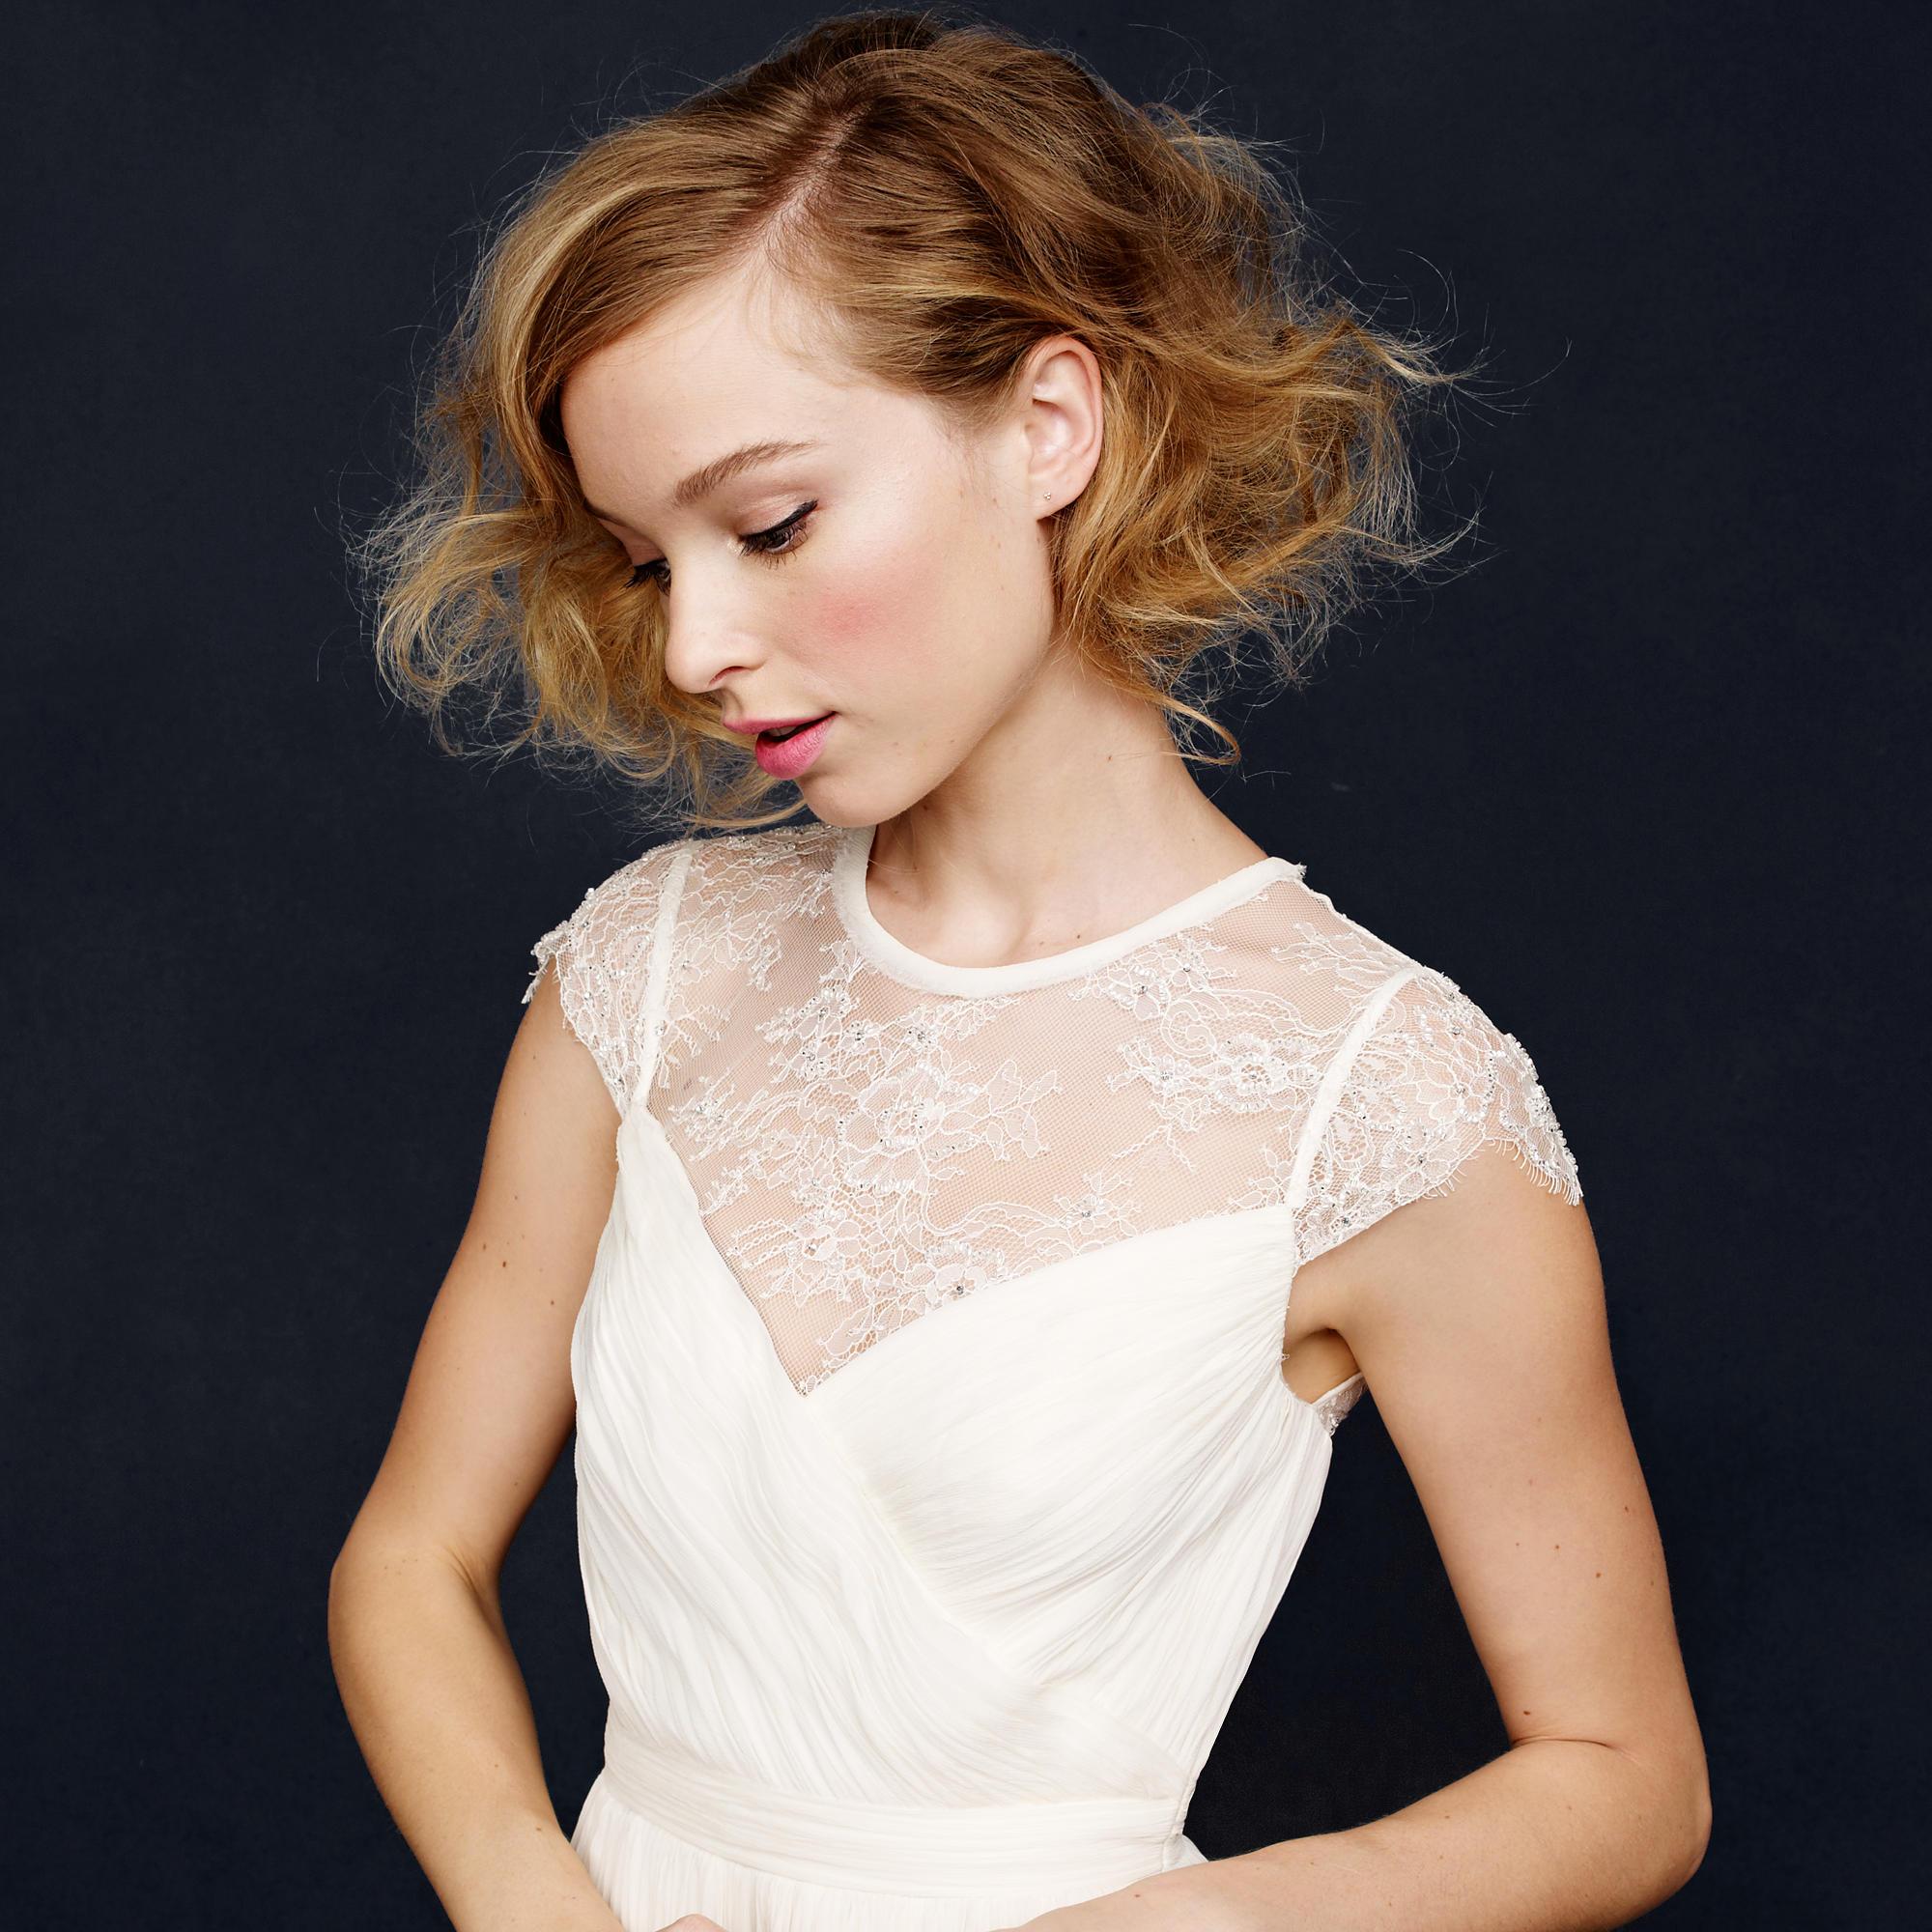 j crew wedding dress Beatriz gown Beatriz gown